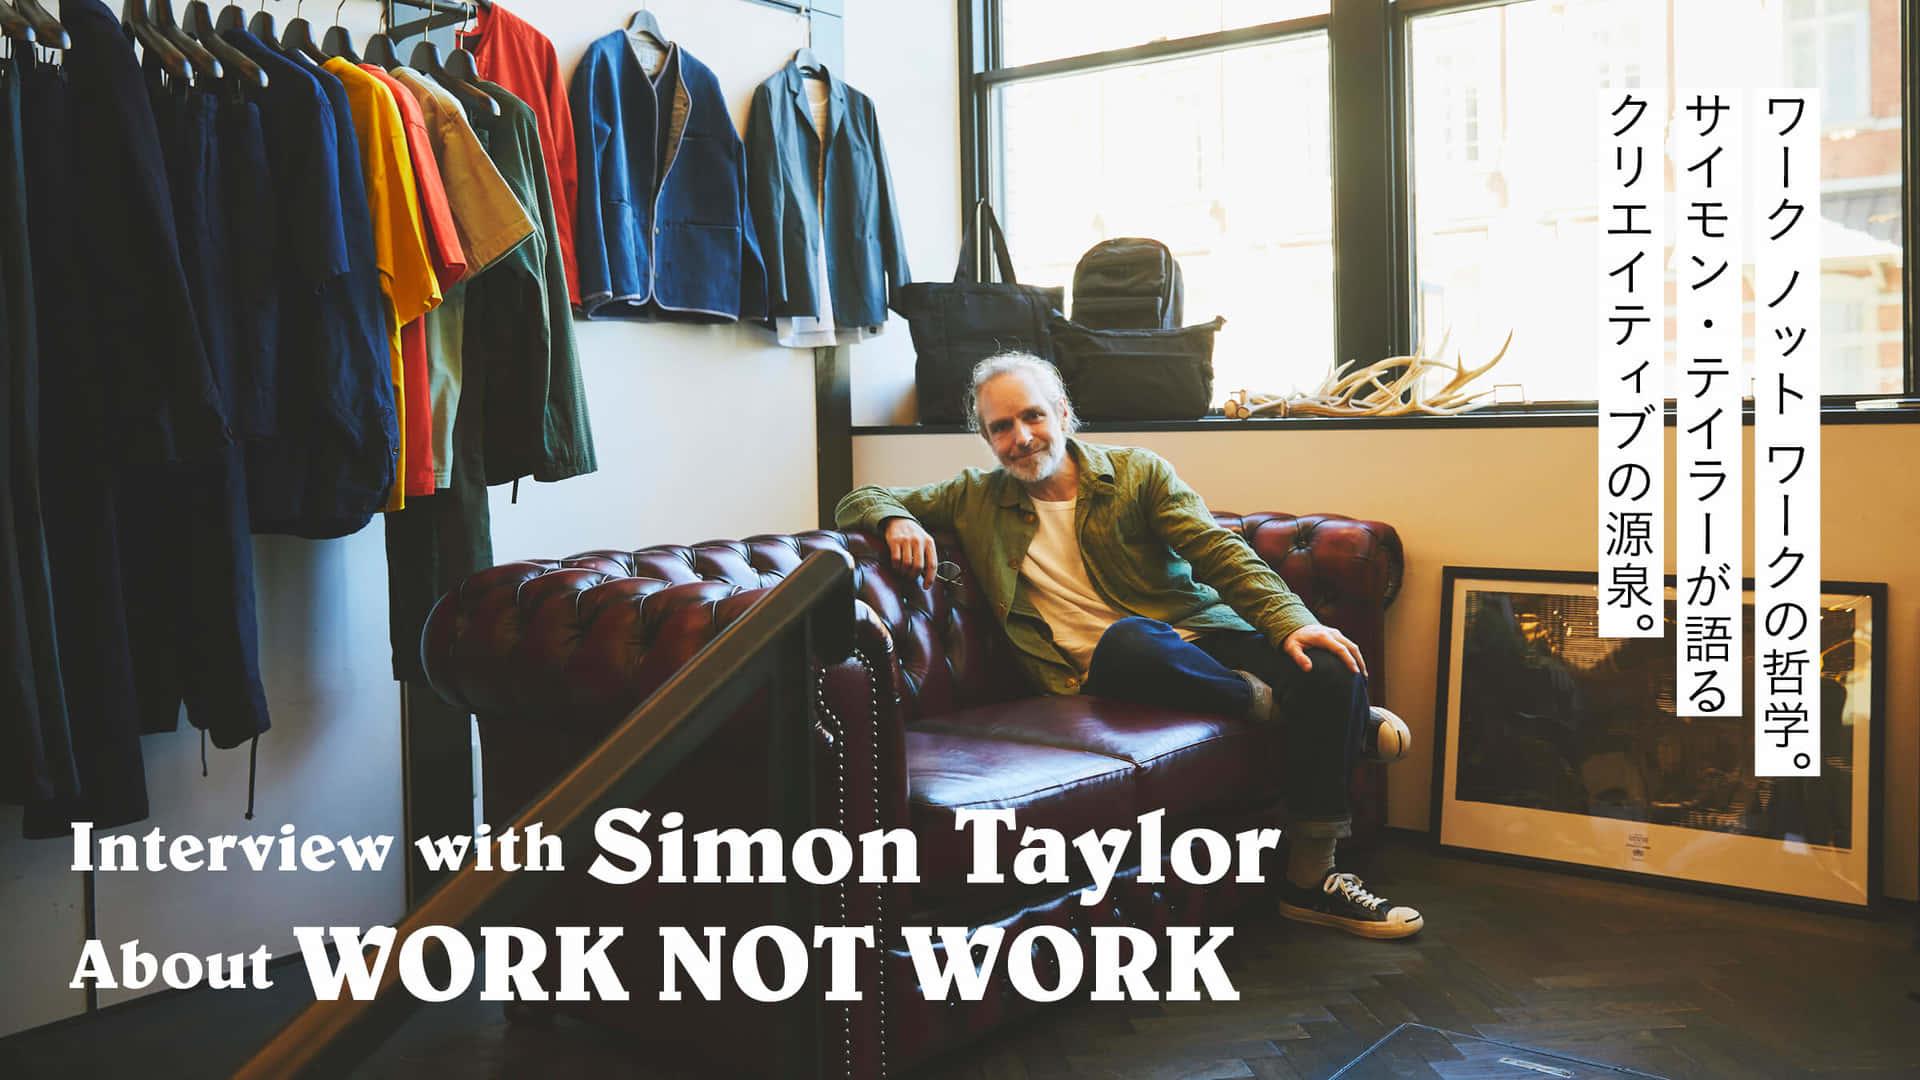 ワーク ノット ワークの哲学。サイモン・テイラーが語るクリエイティブの源泉。